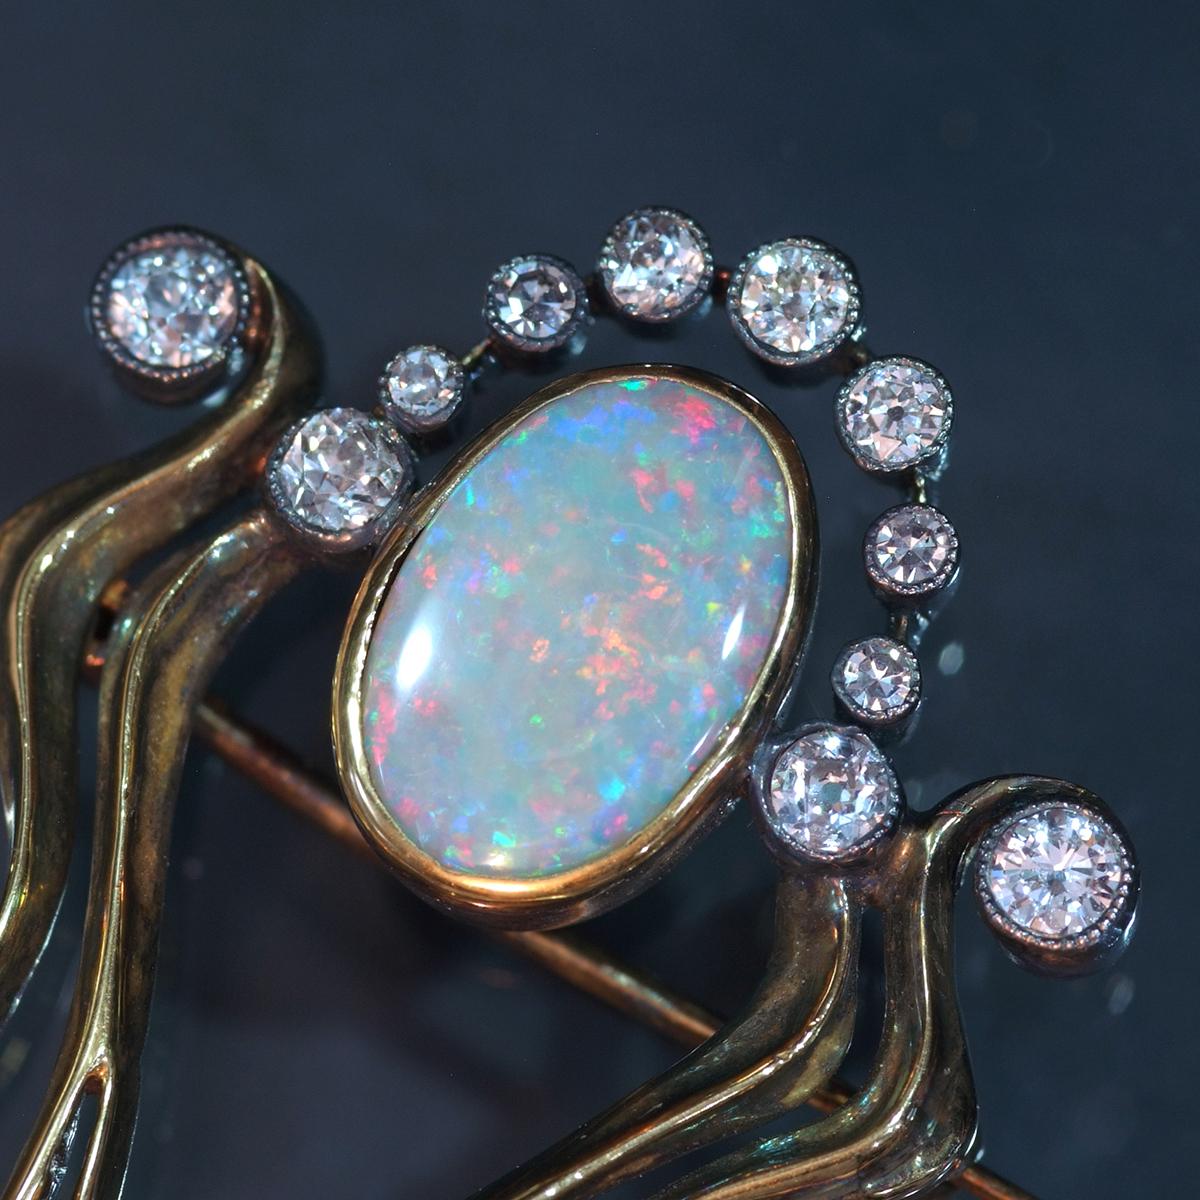 E9813【1900年頃】オパール 天然ダイヤモンド パール 最高級18金無垢アンティークセレブリティブローチ 重量15.38g 幅61.56×47.0mm_画像4